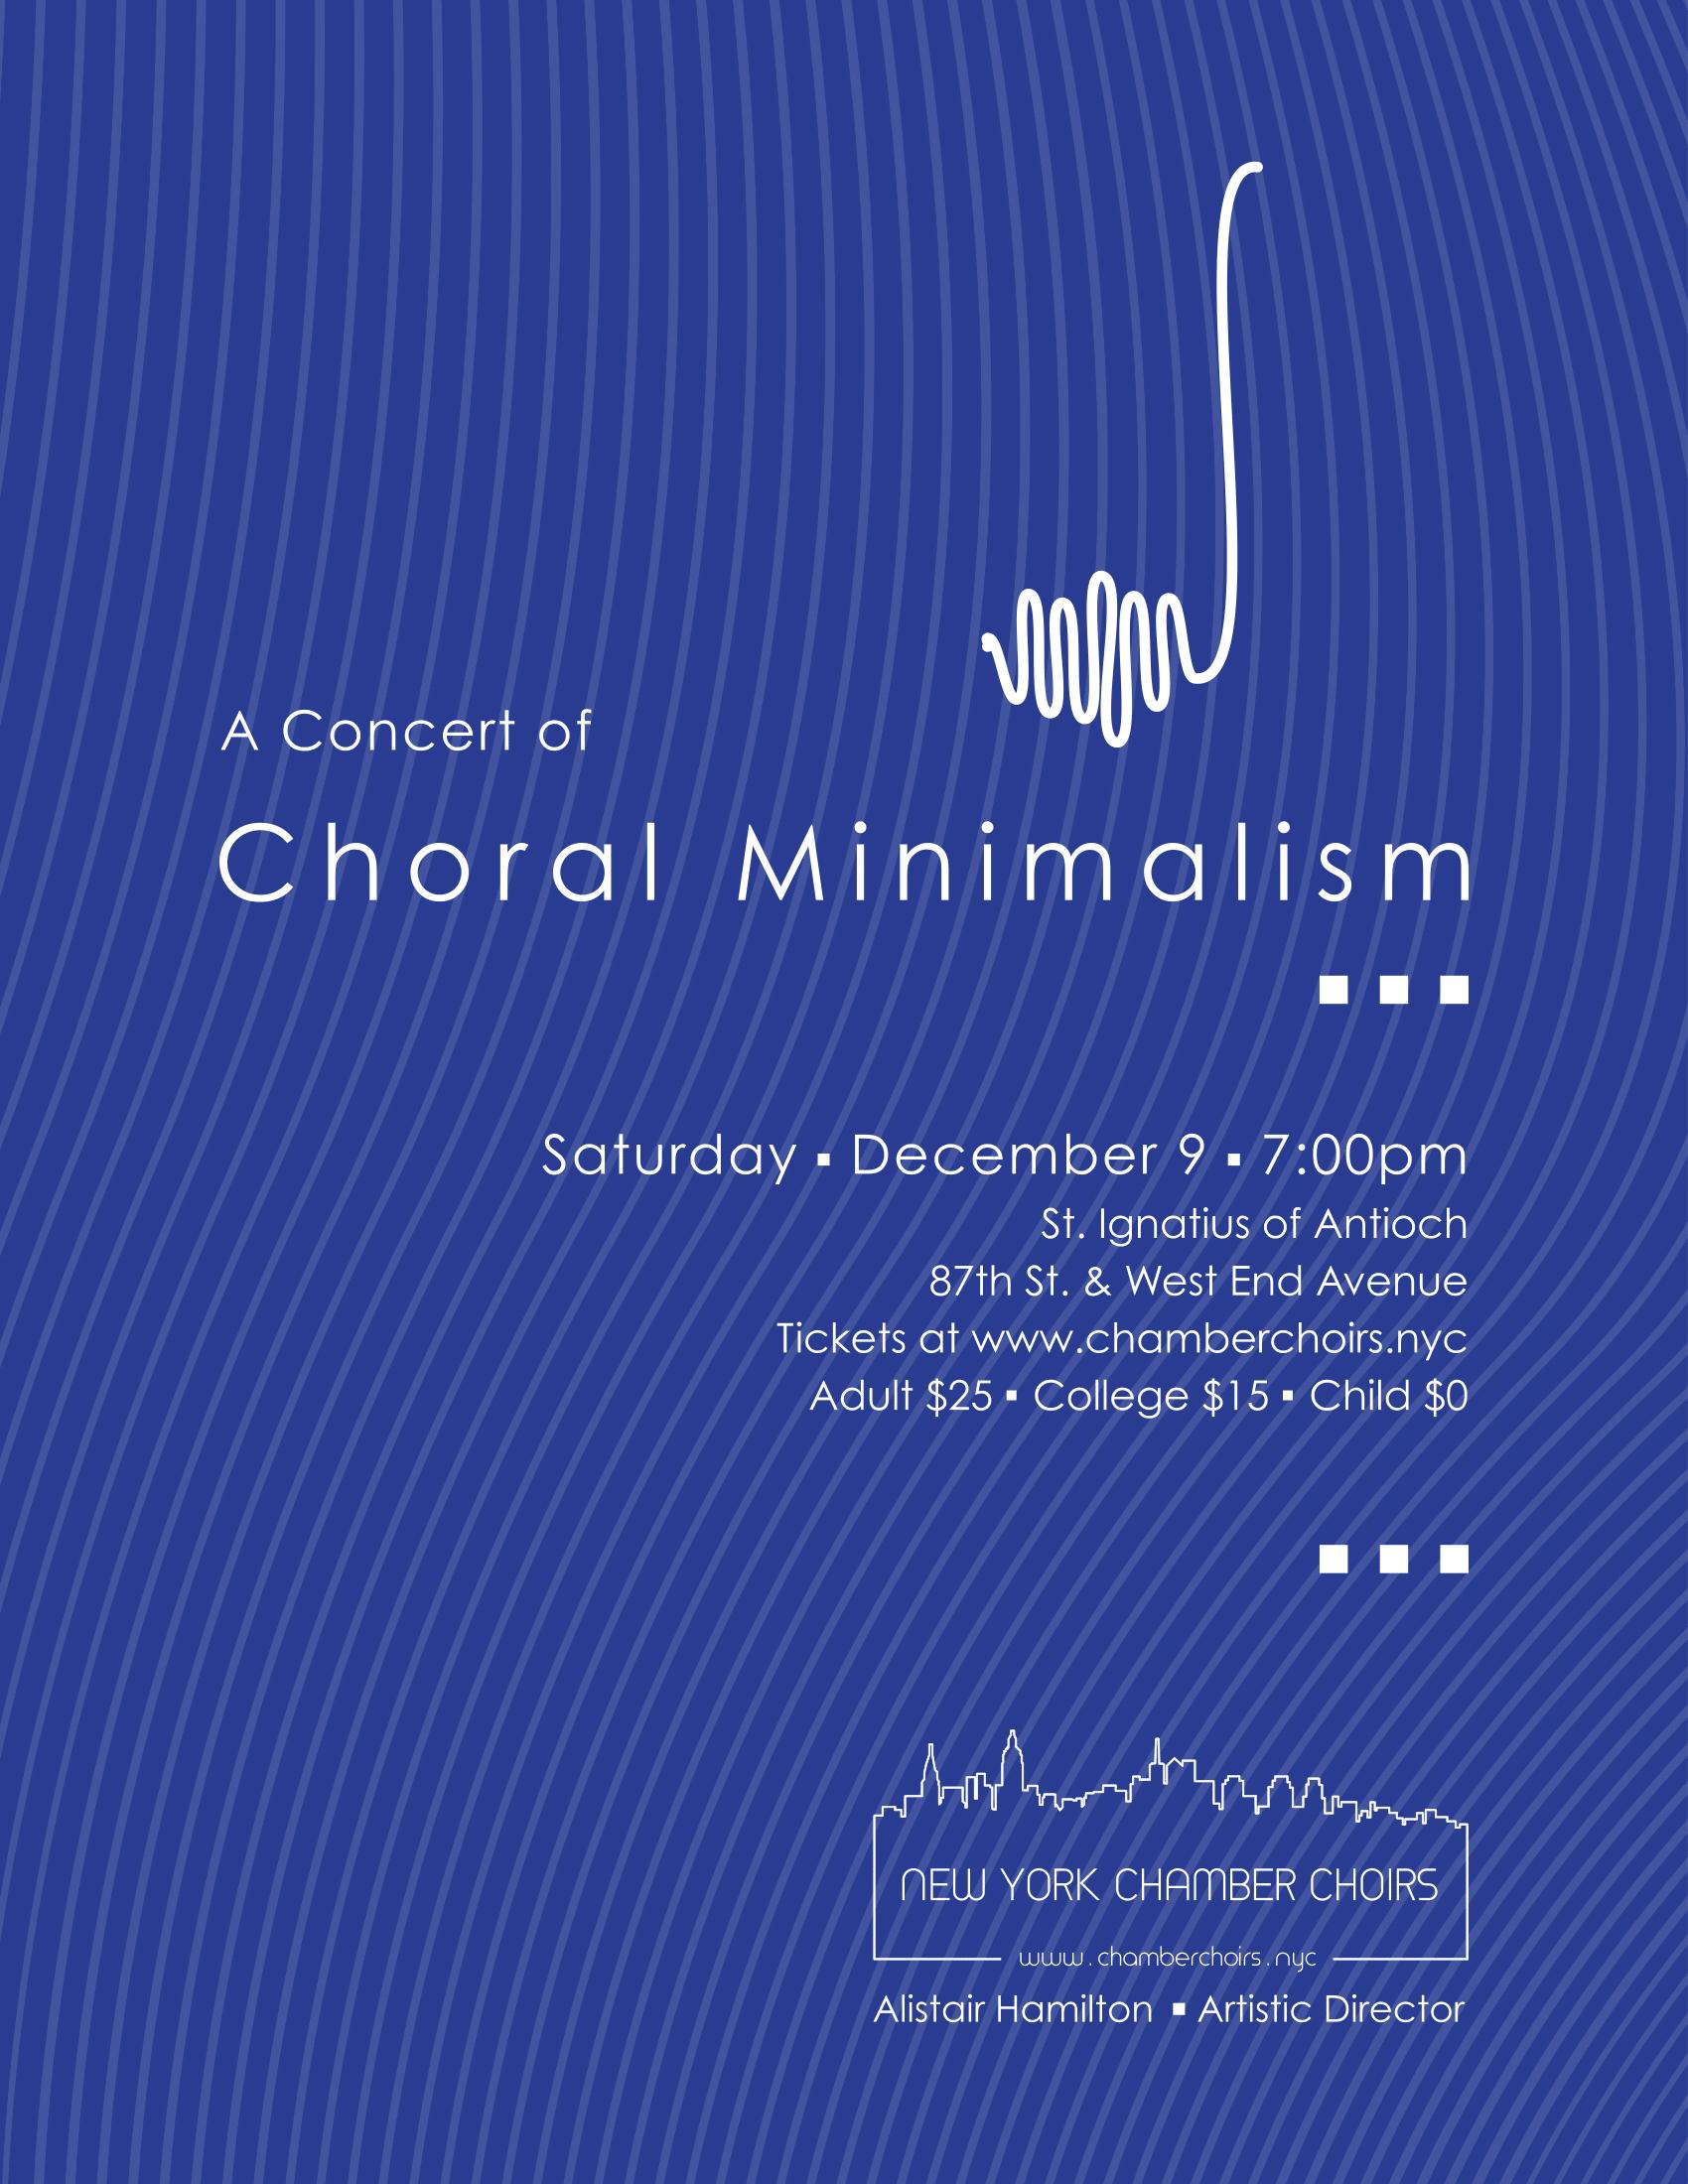 Choral Minimalism